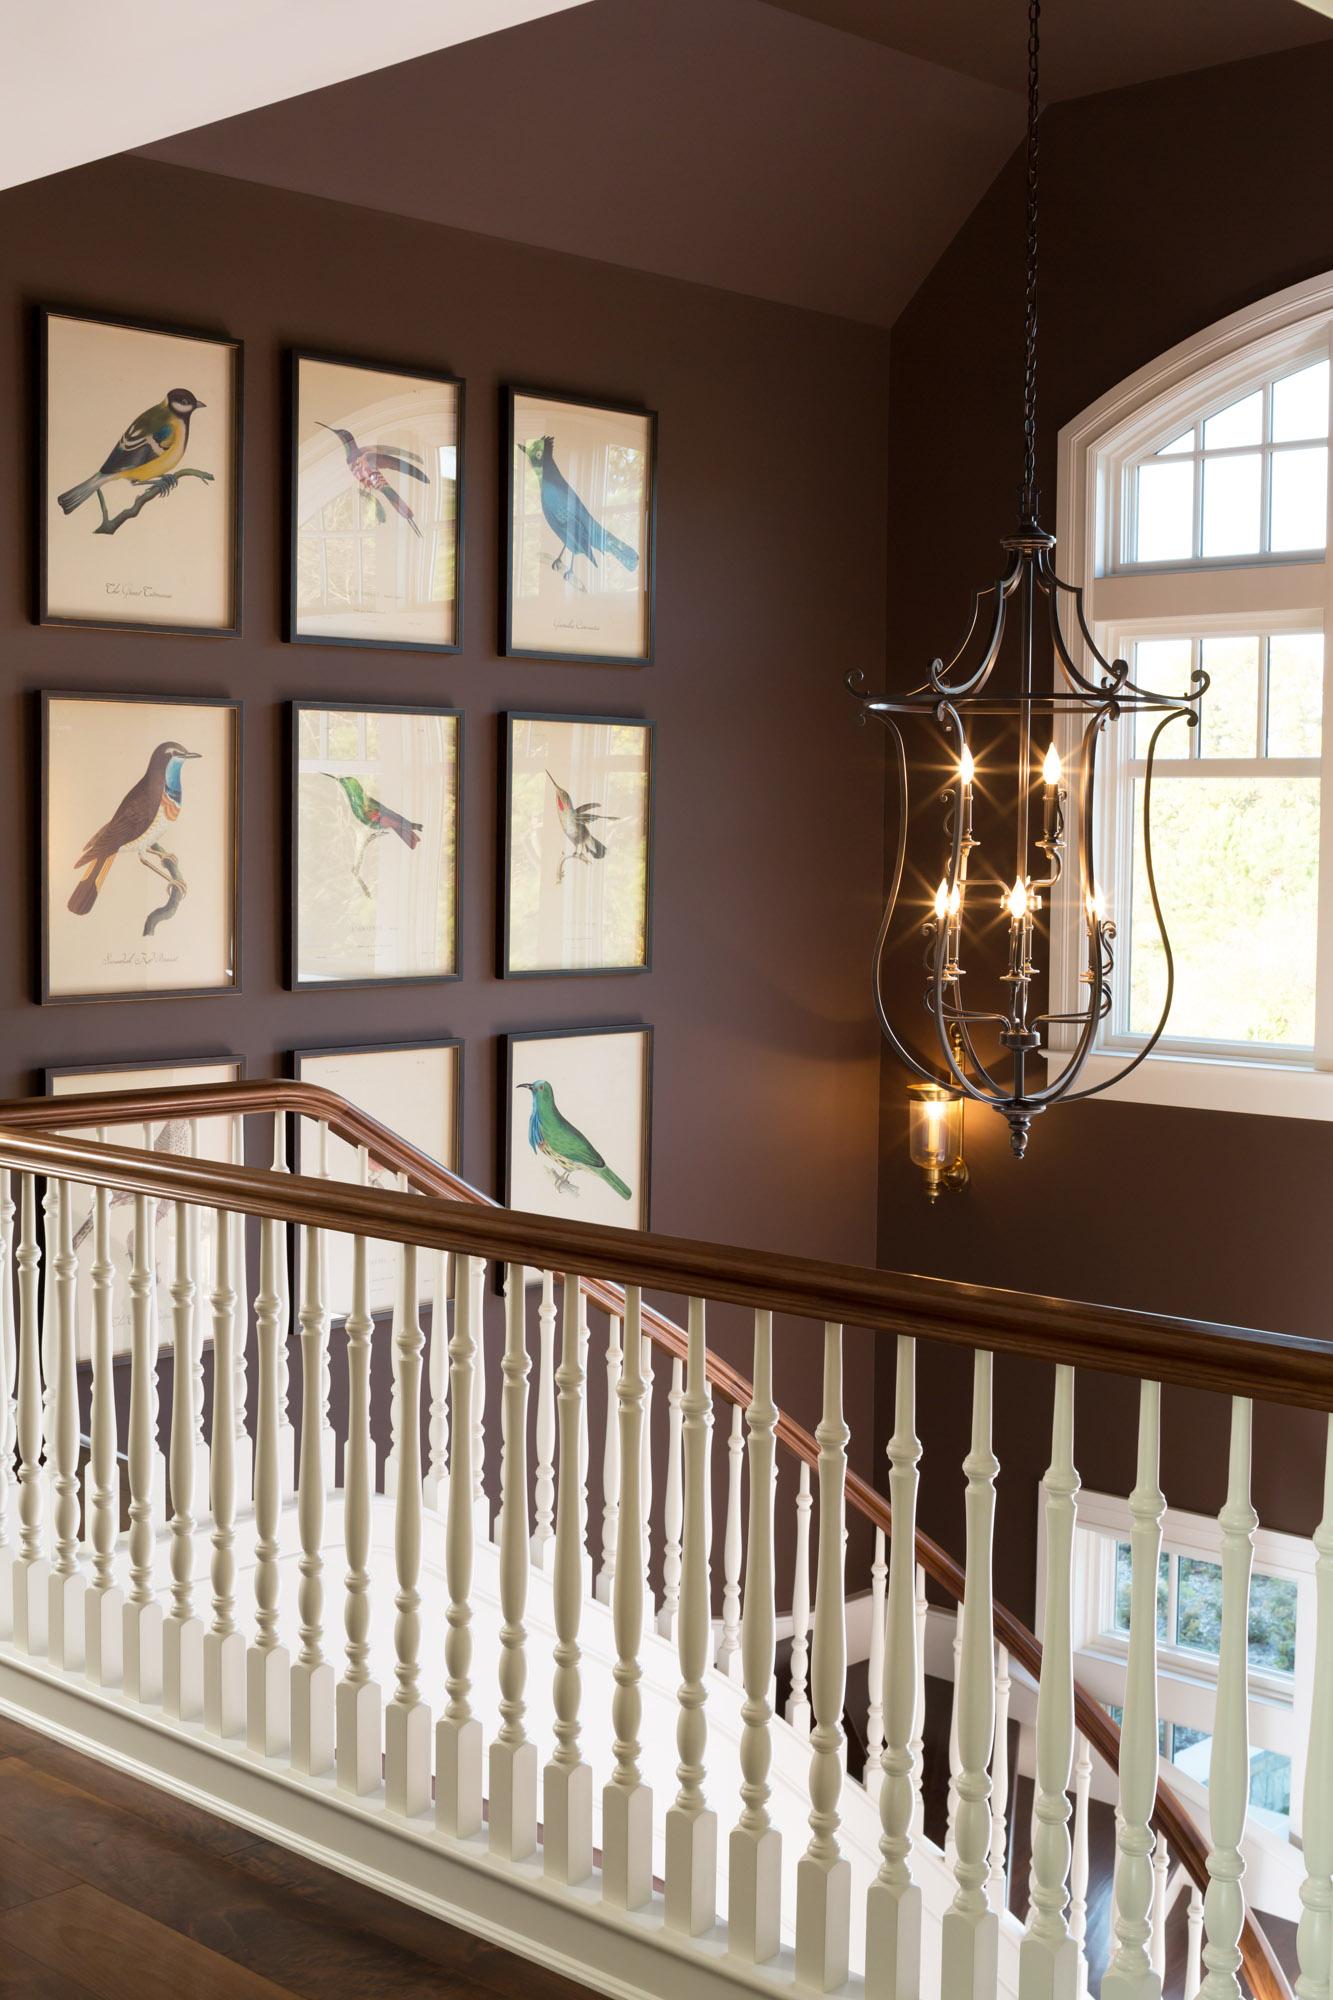 Upstairs_balcony-4466_original.jpg